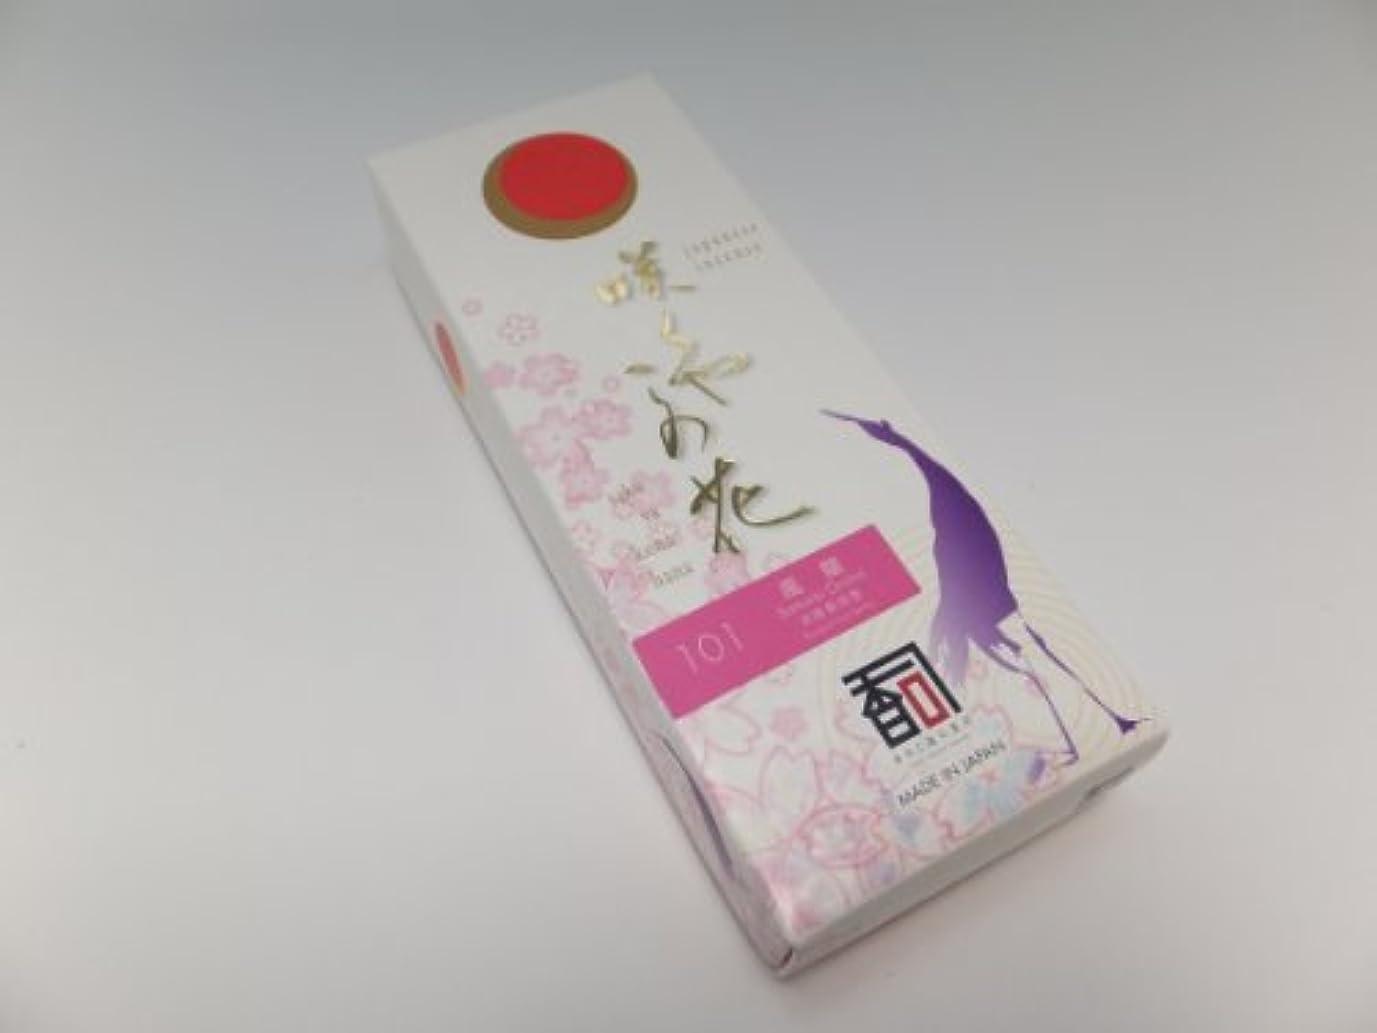 売る脅威統計「あわじ島の香司」 日本の香りシリーズ  [咲くや この花] 【101】 風蘭 (煙少)